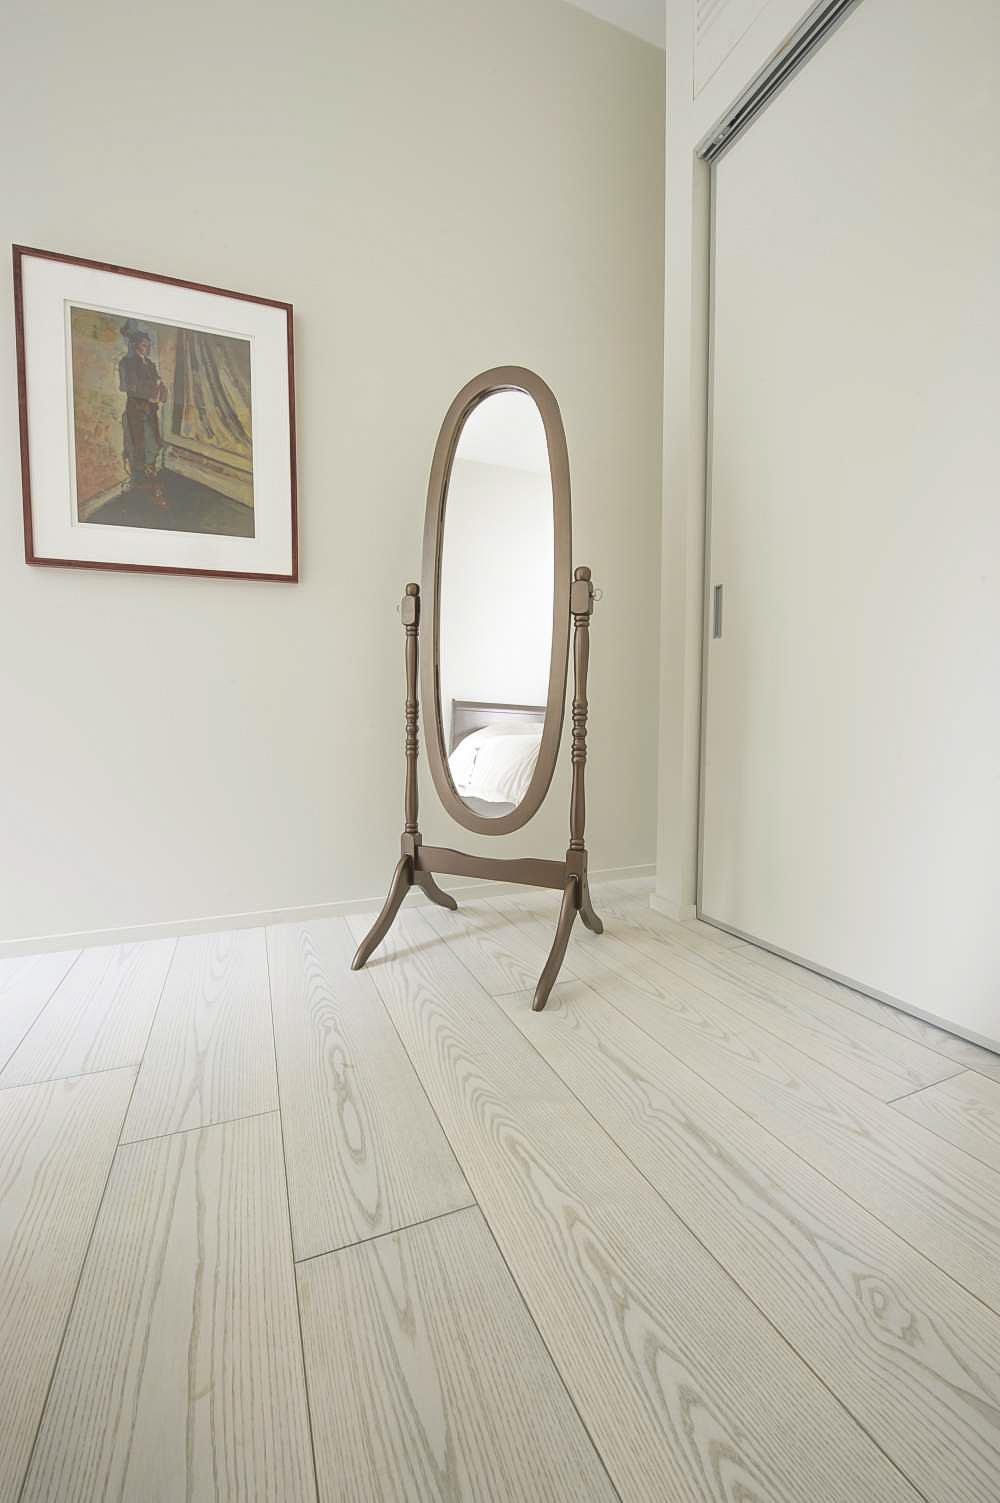 matte ash wide plank hardwood floor.jpg